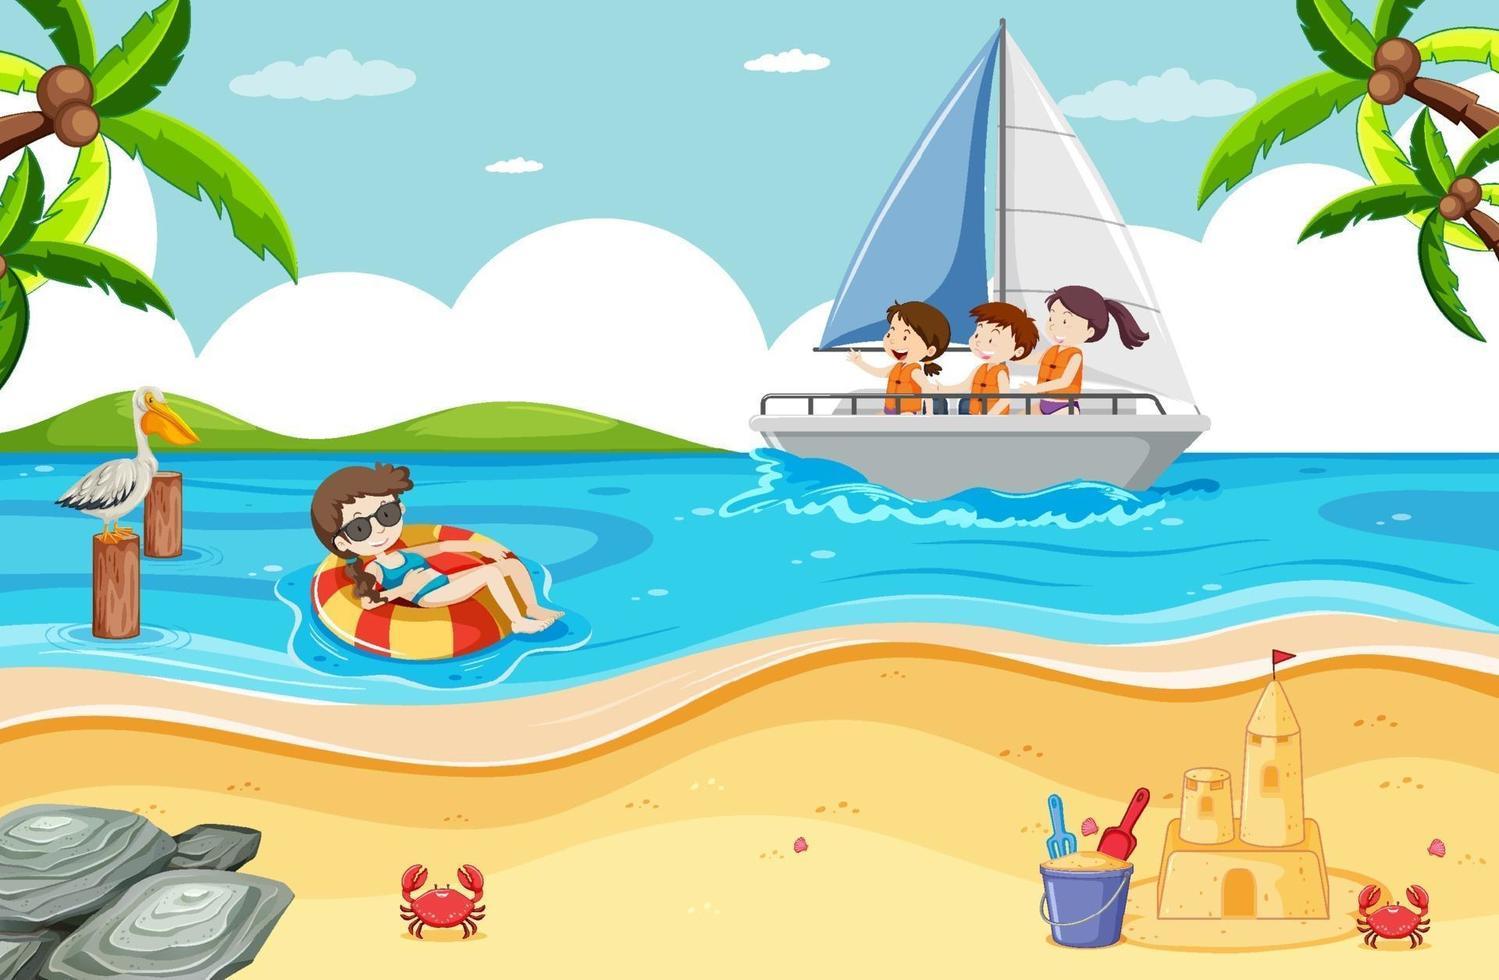 strandscen med barn på en segelbåt vektor